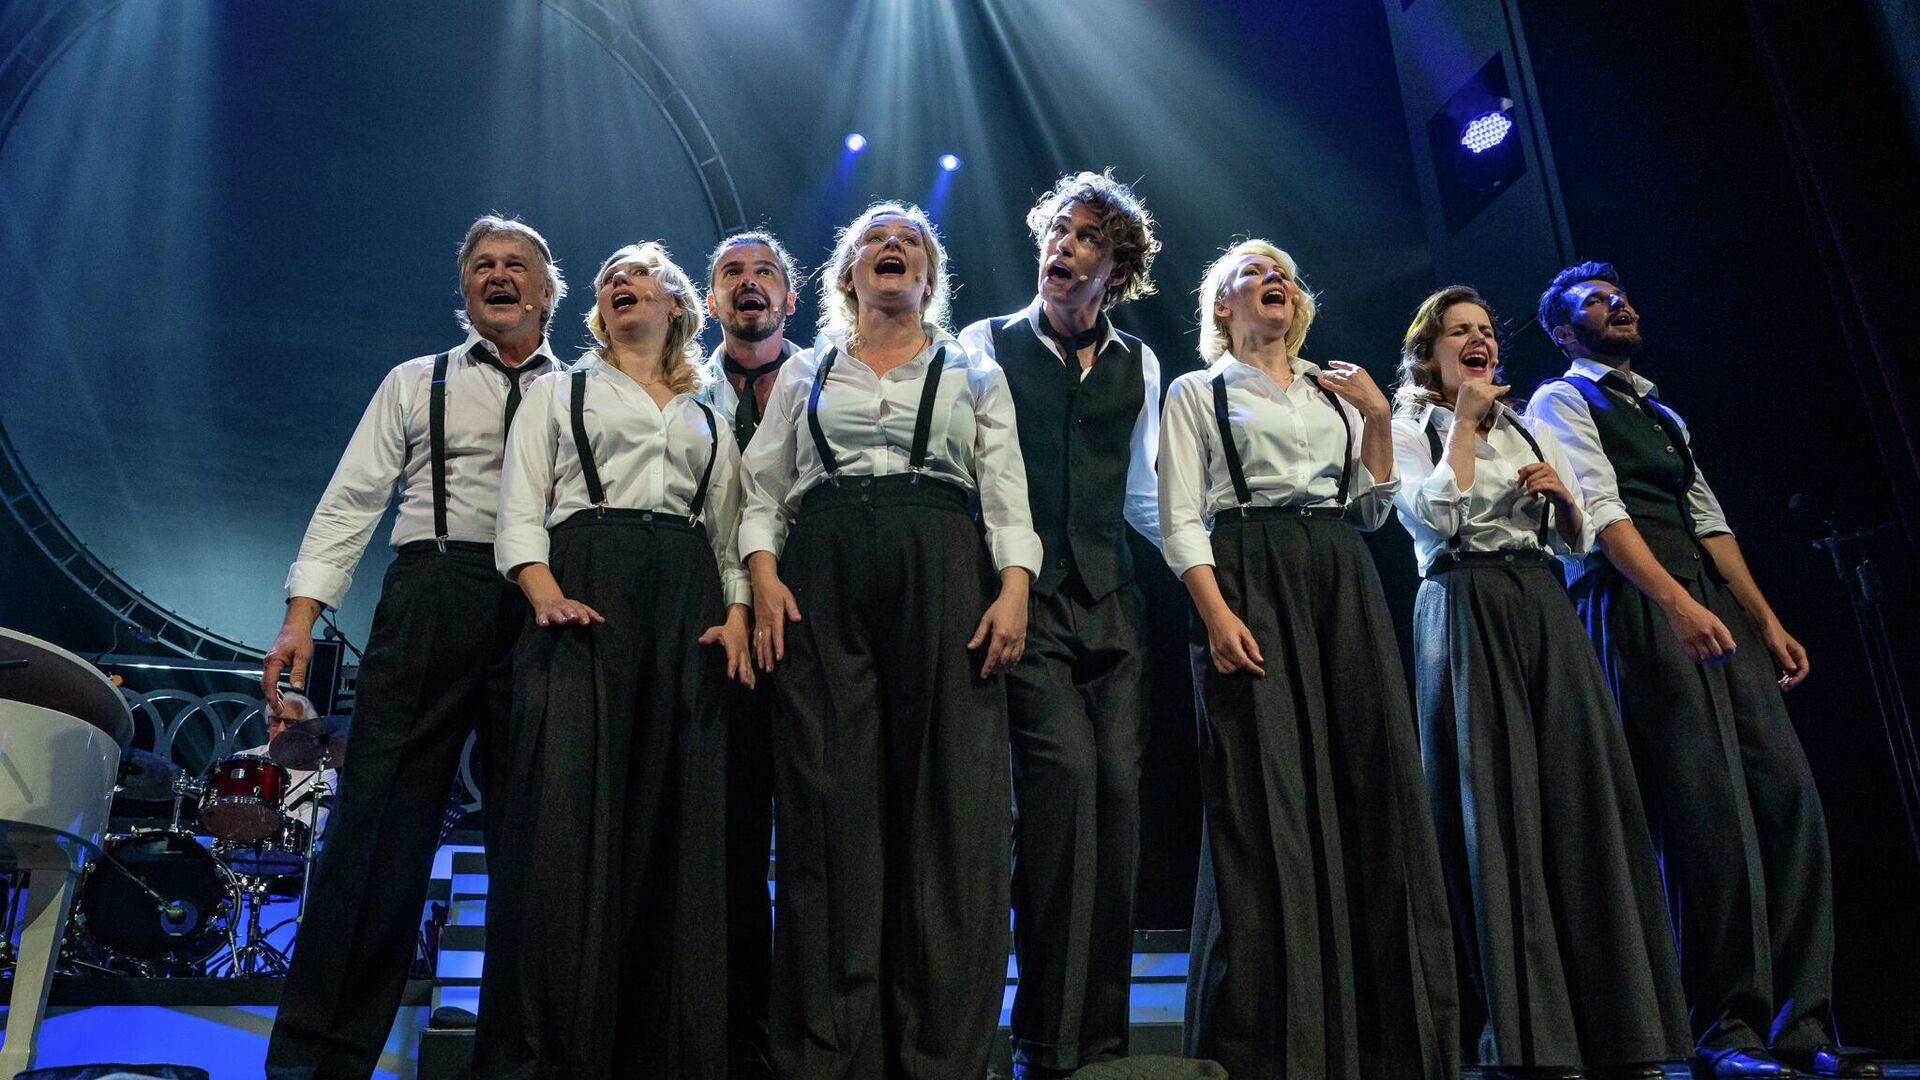 5 августа состоится премьера концерта Раймонд Паулс в Рижском русском театре - Sputnik Латвия, 1920, 01.09.2021